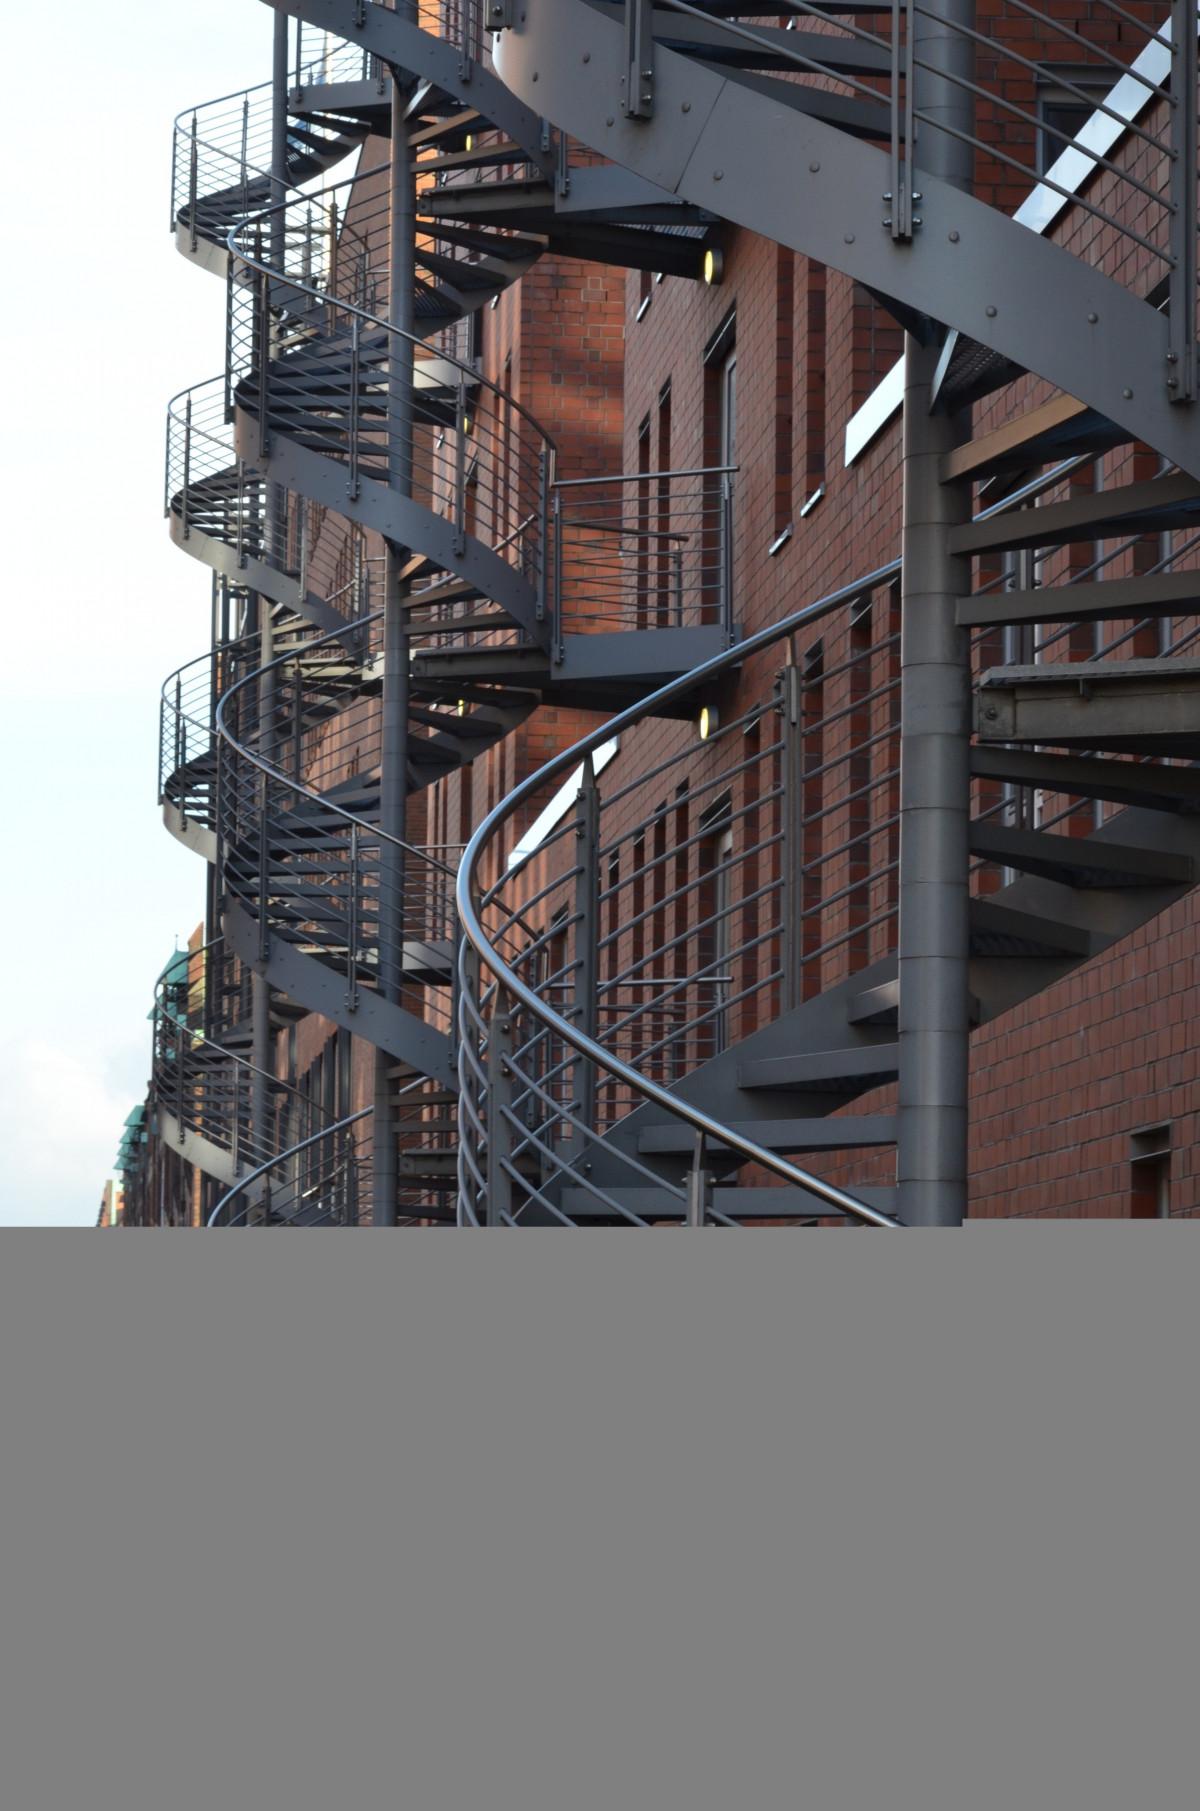 Treppe Hamburg kostenlose foto gebäude treppe metall industrie ziegel eisen